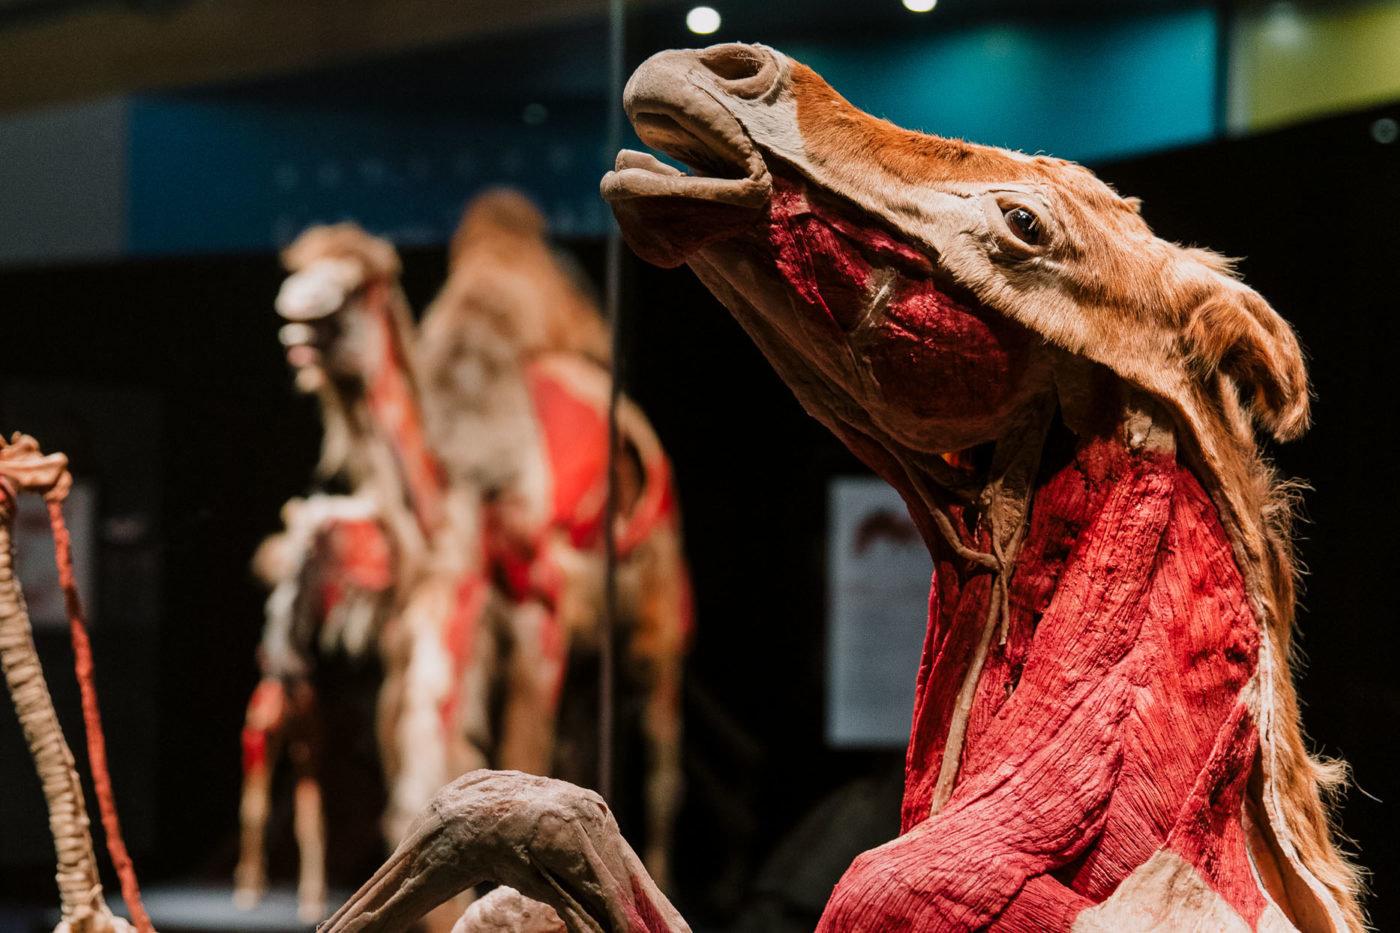 Забальзамированные животные в Киеве: где в столице можно увидеть уникальную выставку, ФОТО, фото-2, H2D Exhibitions